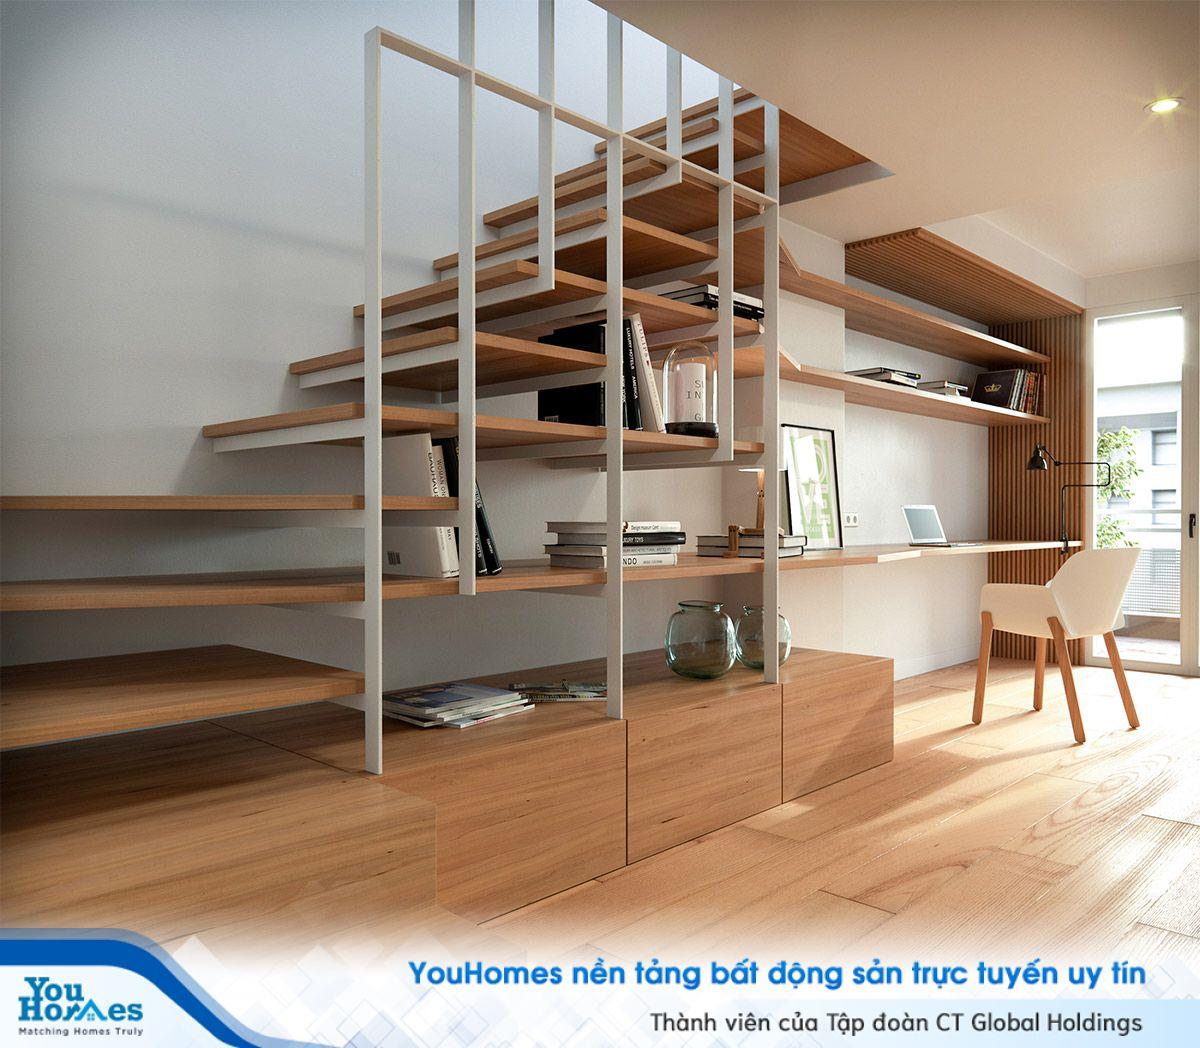 Thiết kế hoàn hảo cho cầu thang của căn nhà hiện đại